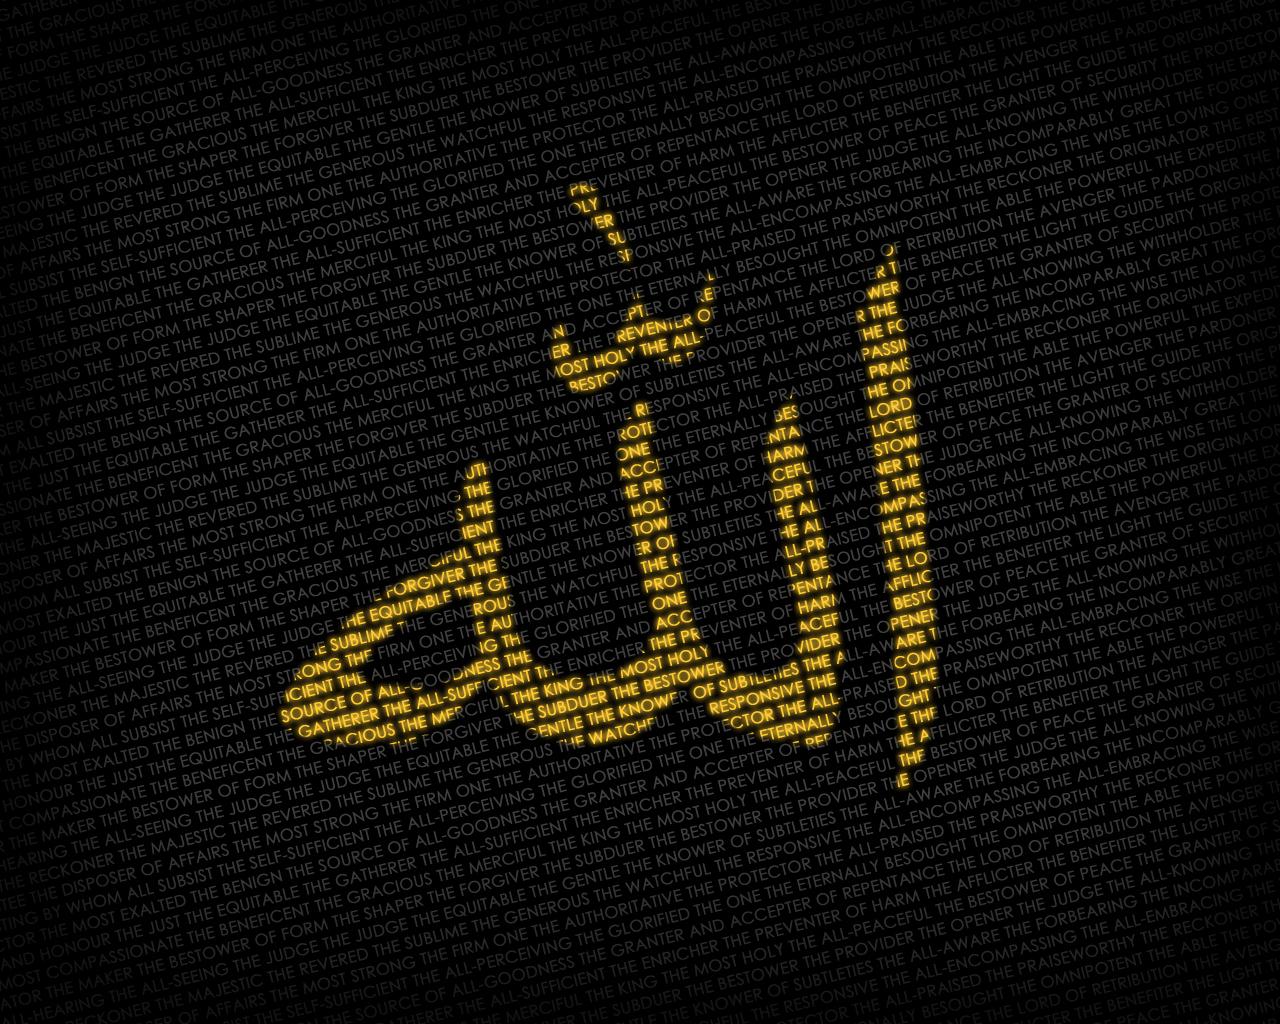 صور كلمة الله مكتوبة علي صور خلفيات وصور لفظ الجلالة (39)